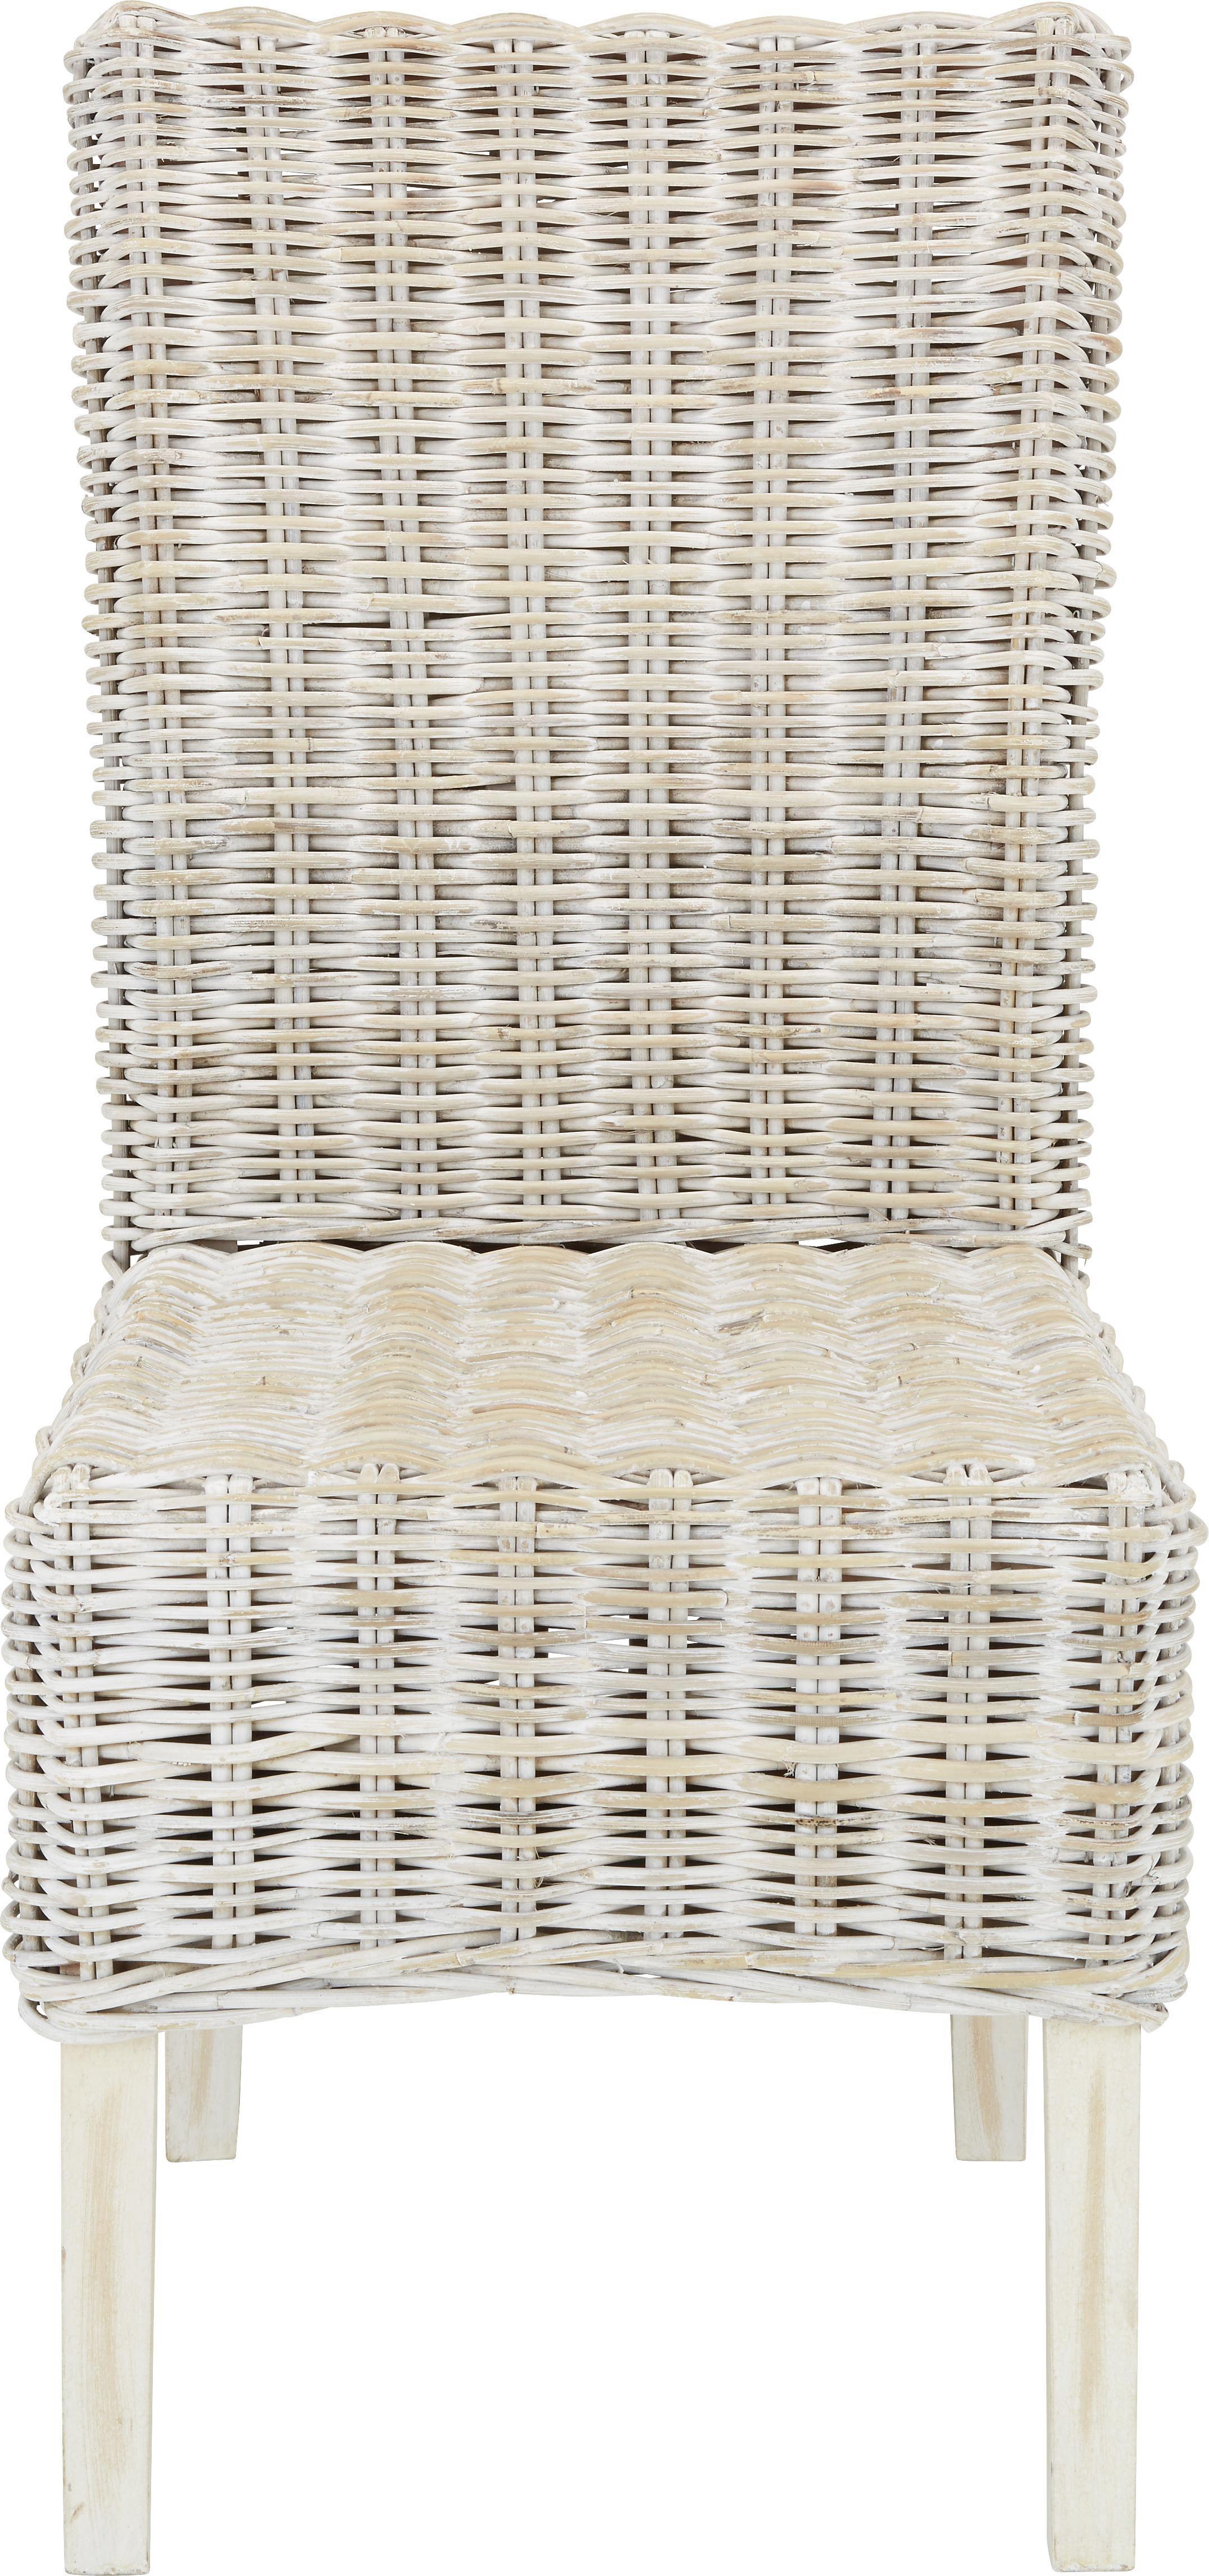 Stuhl aus Rattan - Grau, ROMANTIK / LANDHAUS, Holz (54/100/46cm) - ZANDIARA